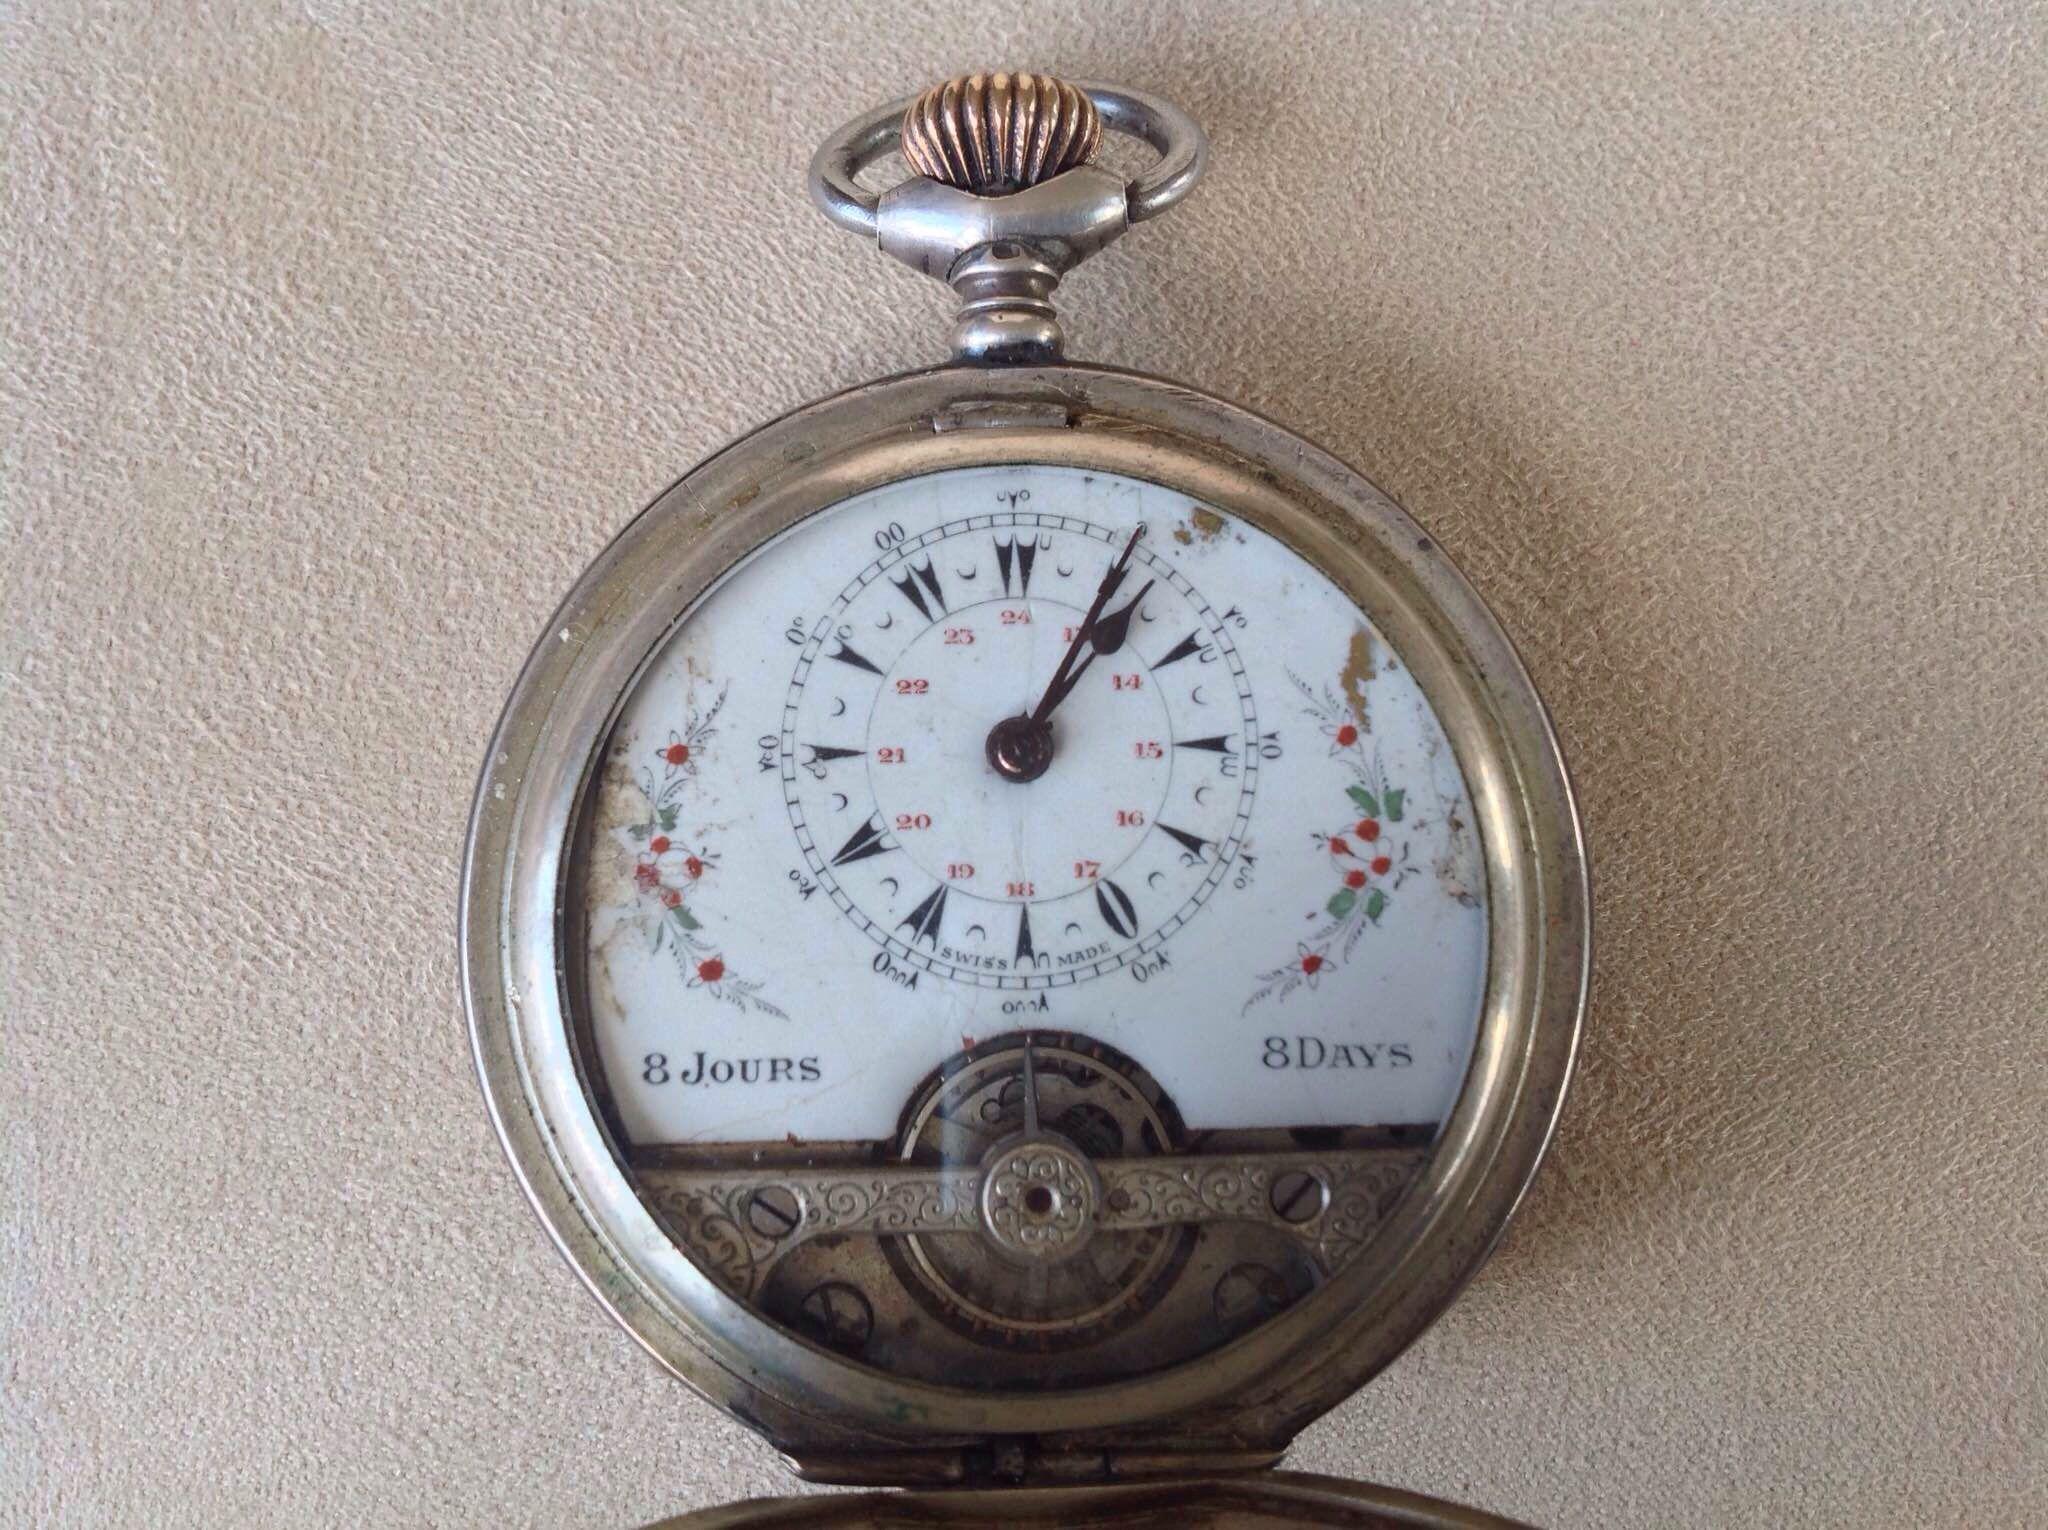 de7f19feb6f Relógio De Bolso · Hebdomas Pocket Watch